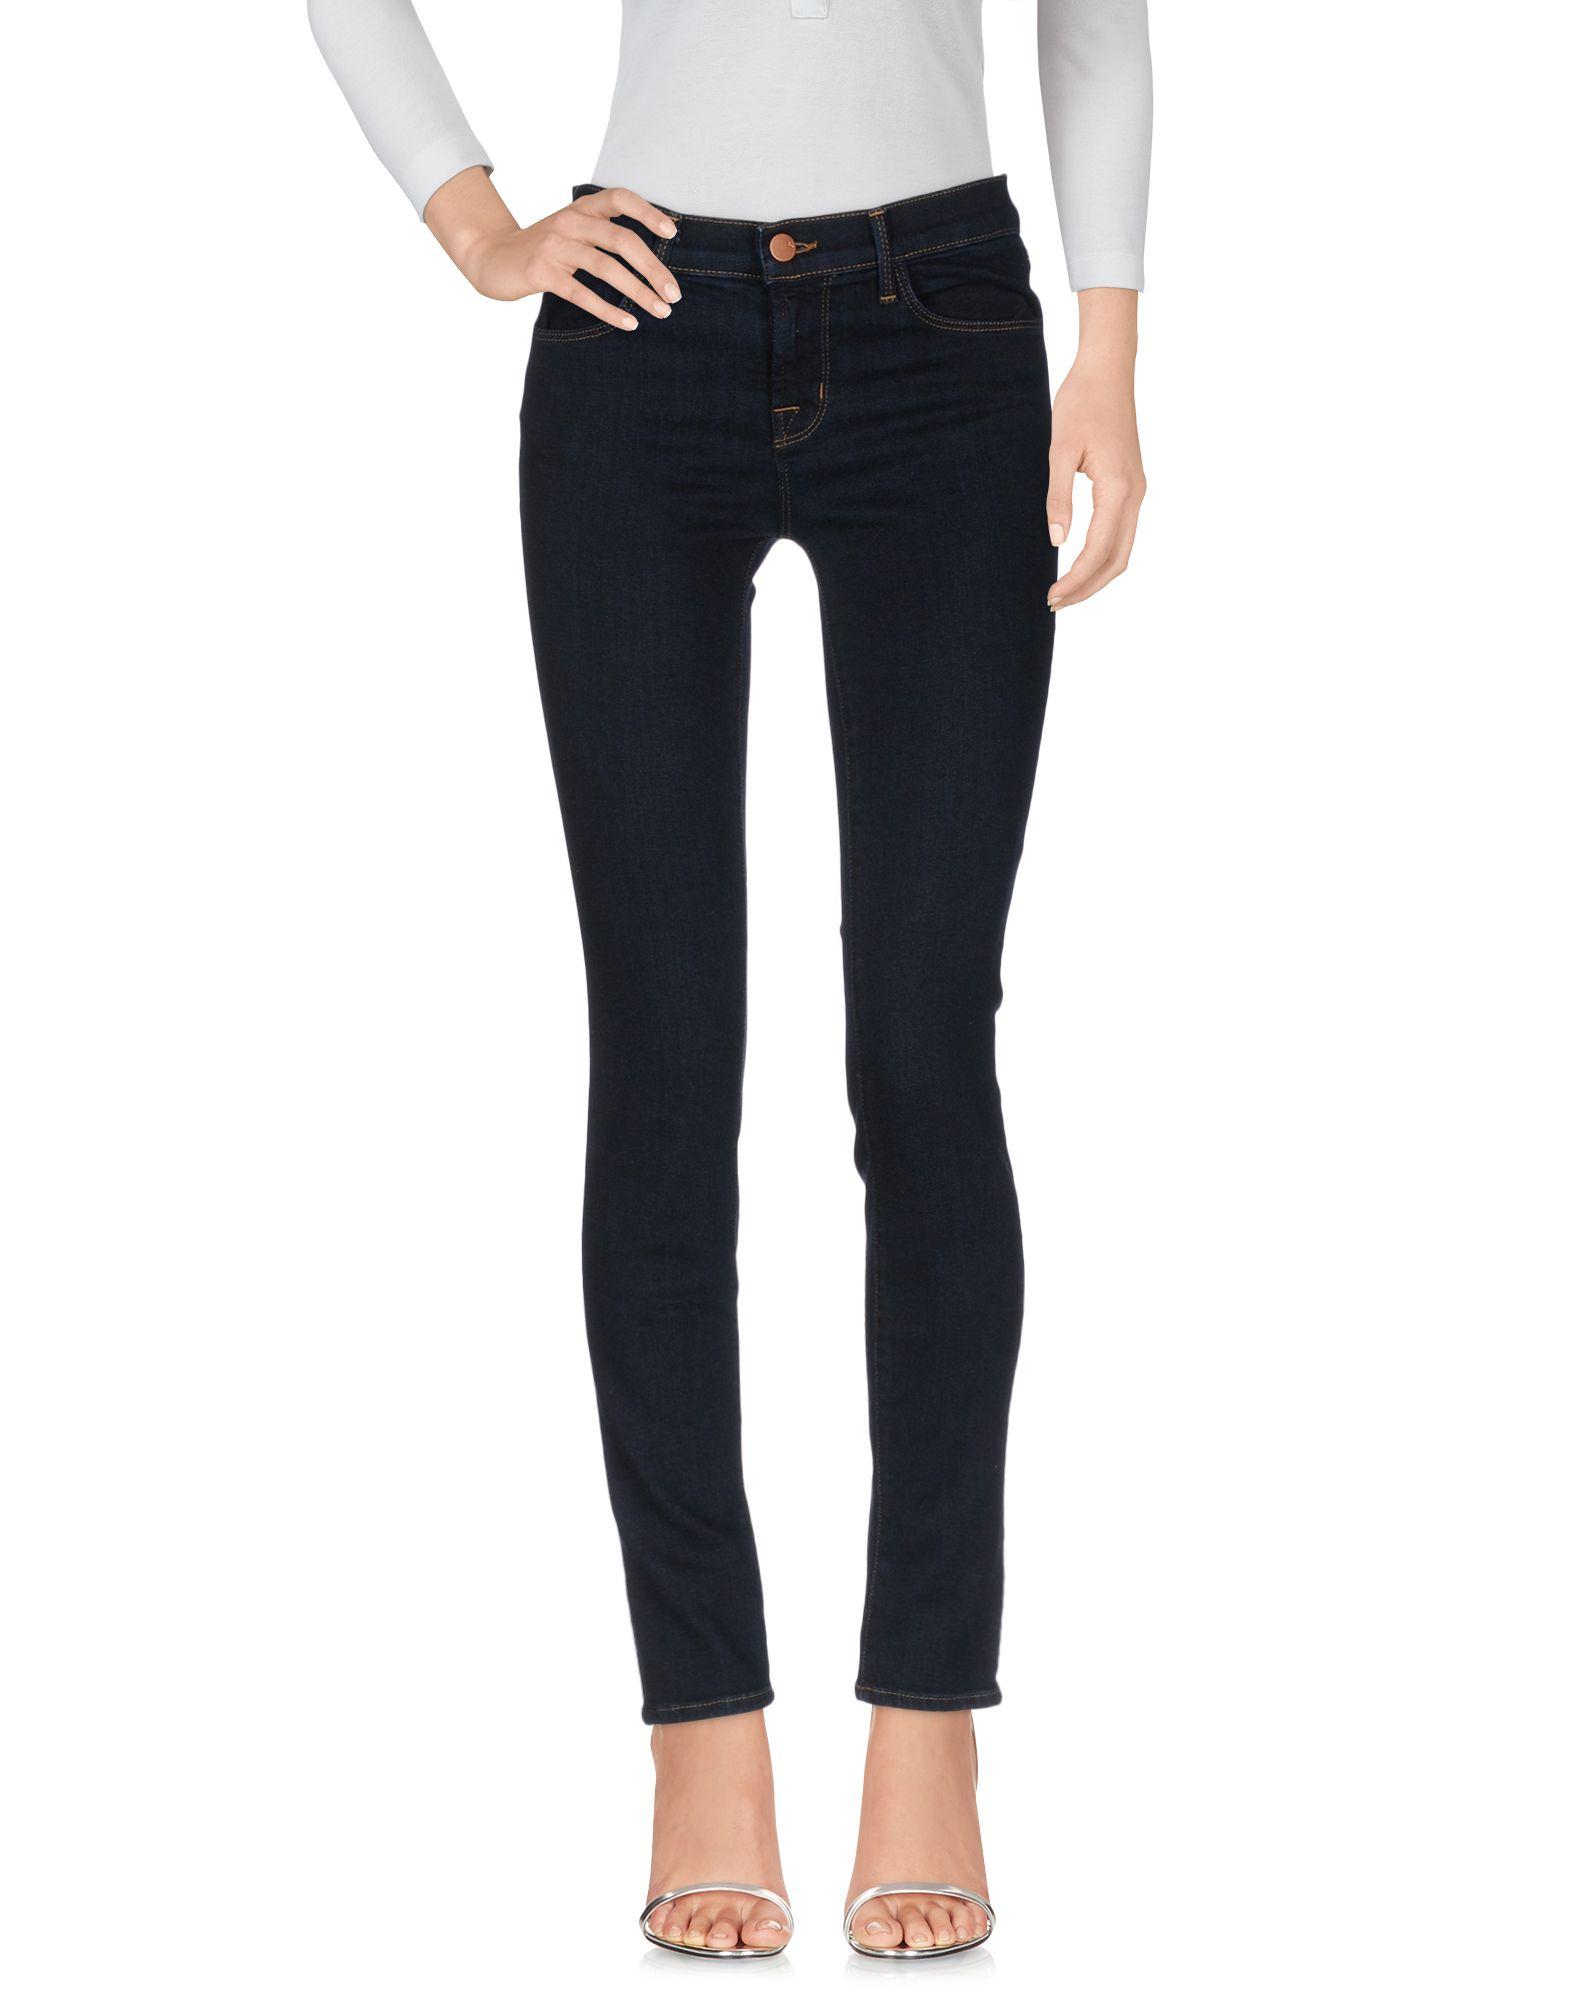 Jeans À Pantalons Les FemmeAcheter En Marque J De Ligne WH2D9EI